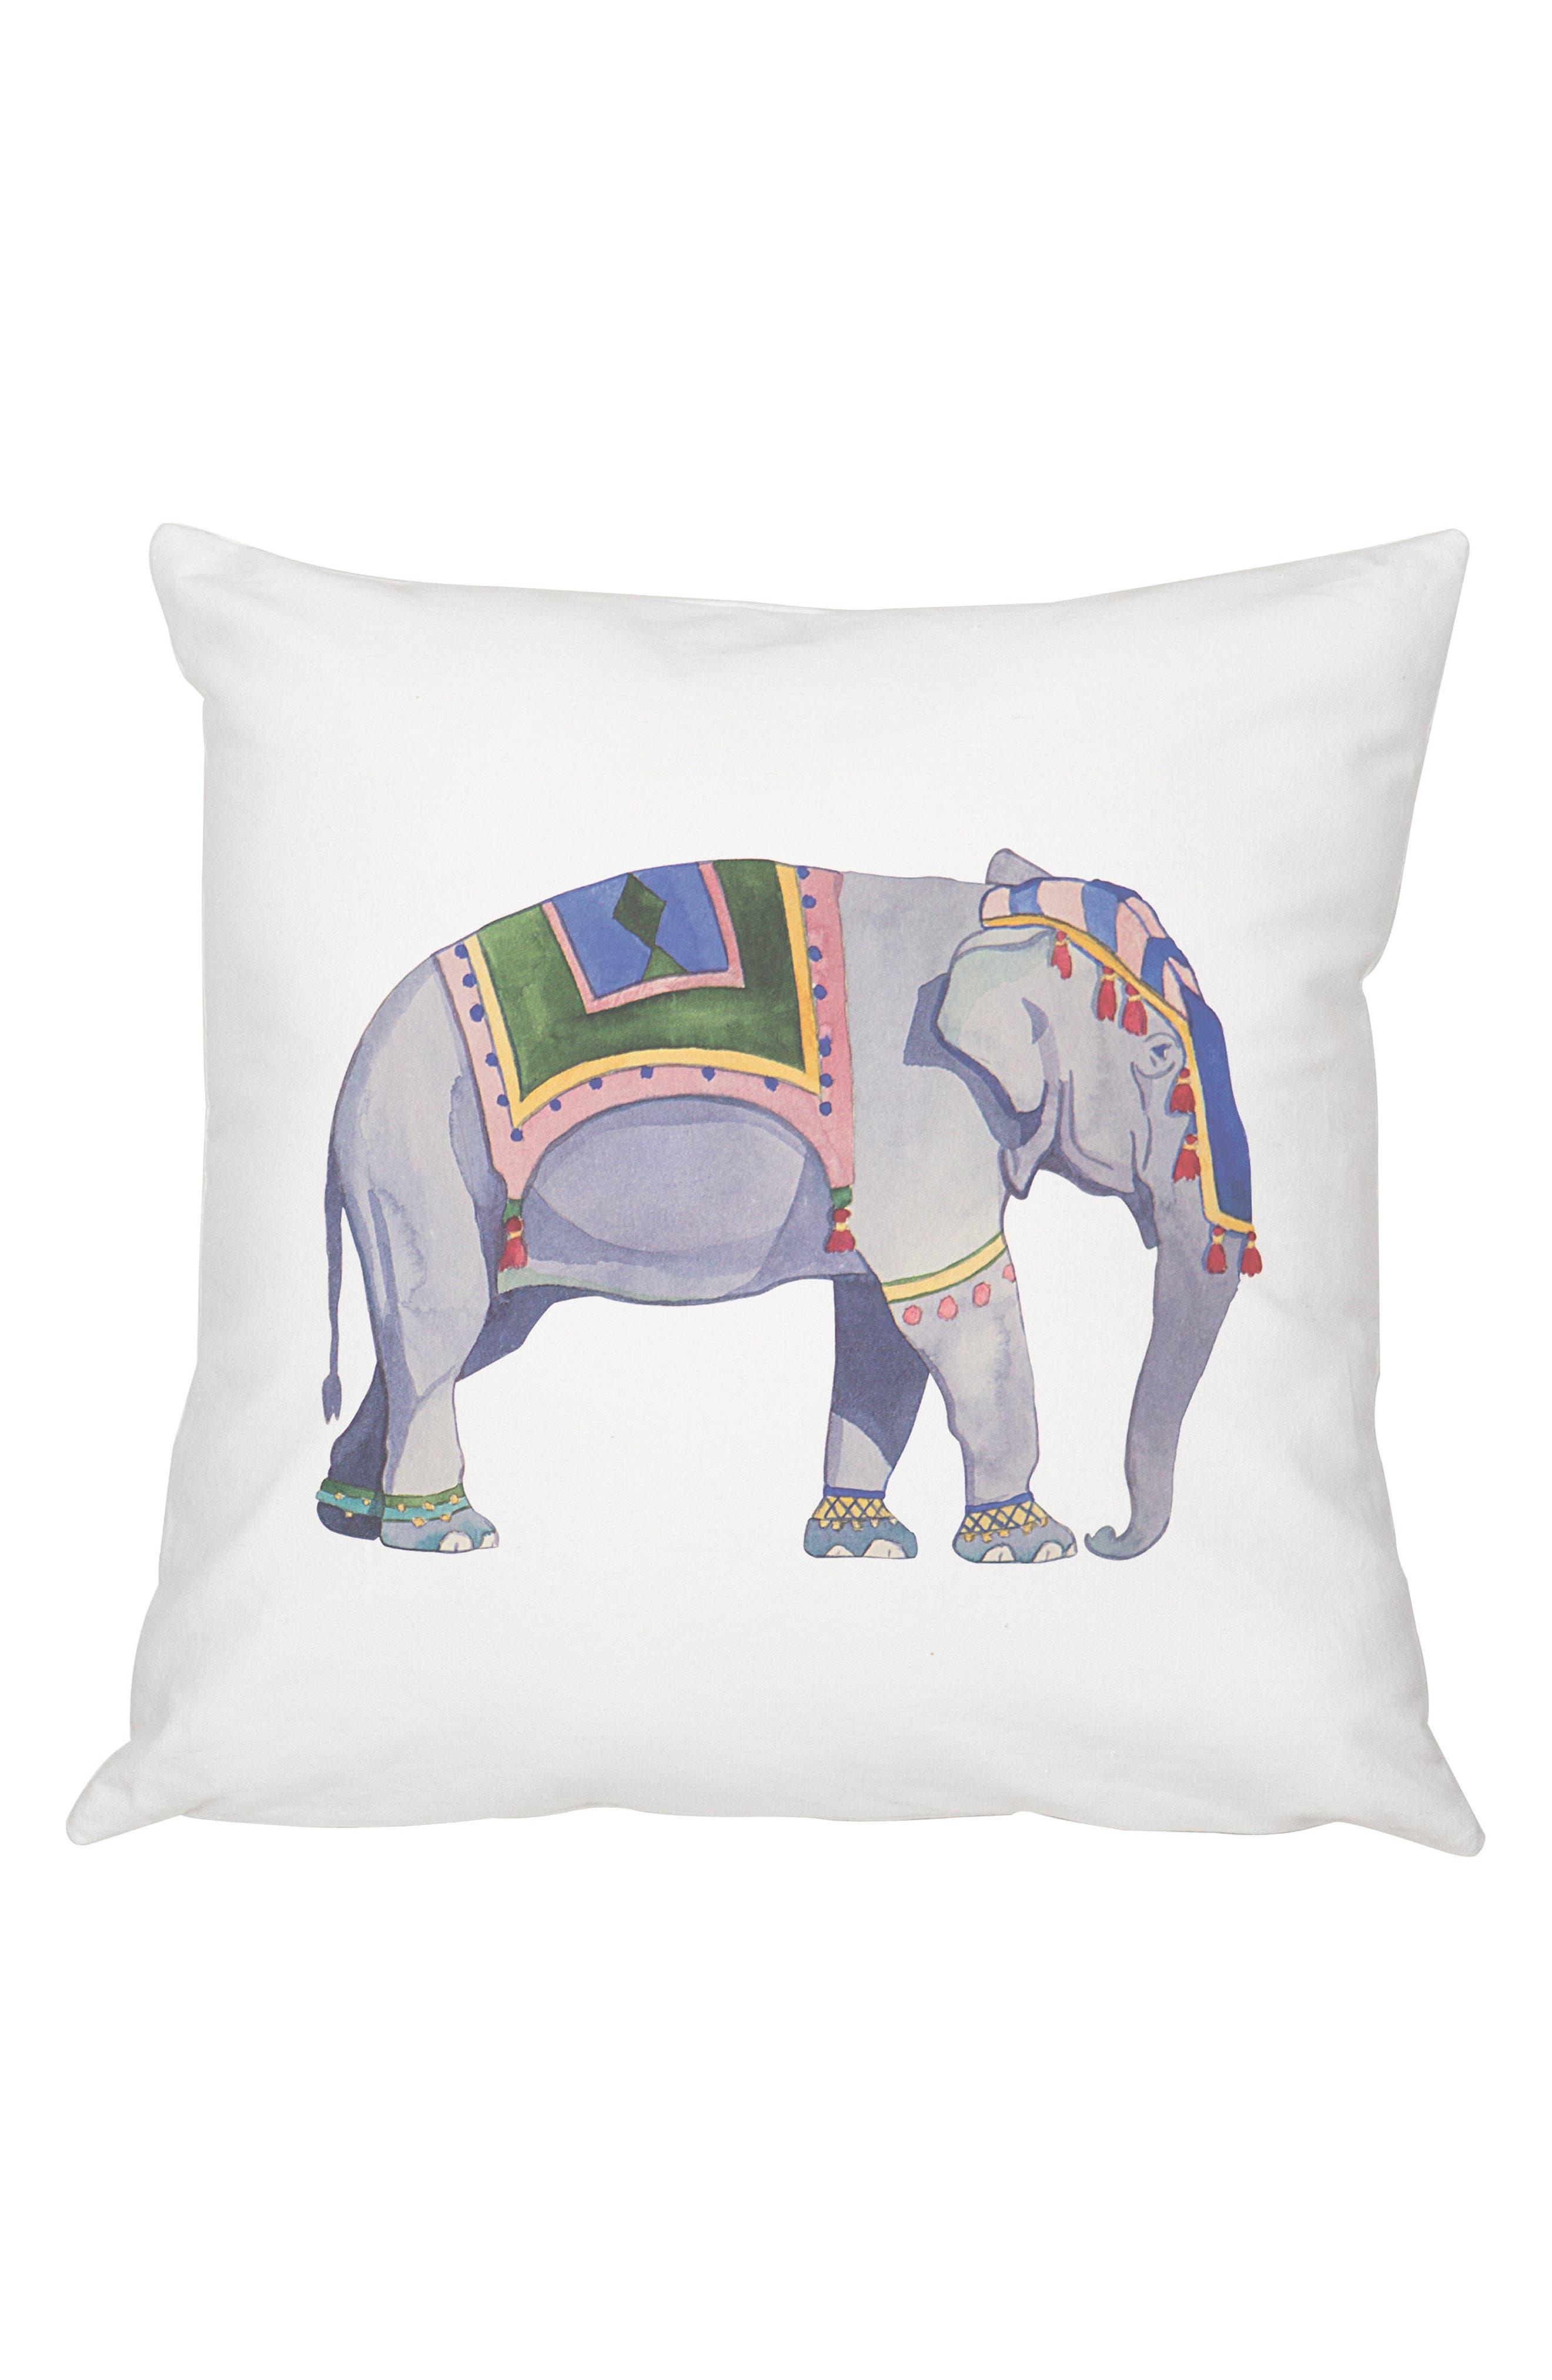 Elephant Accent Pillow,                         Main,                         color,